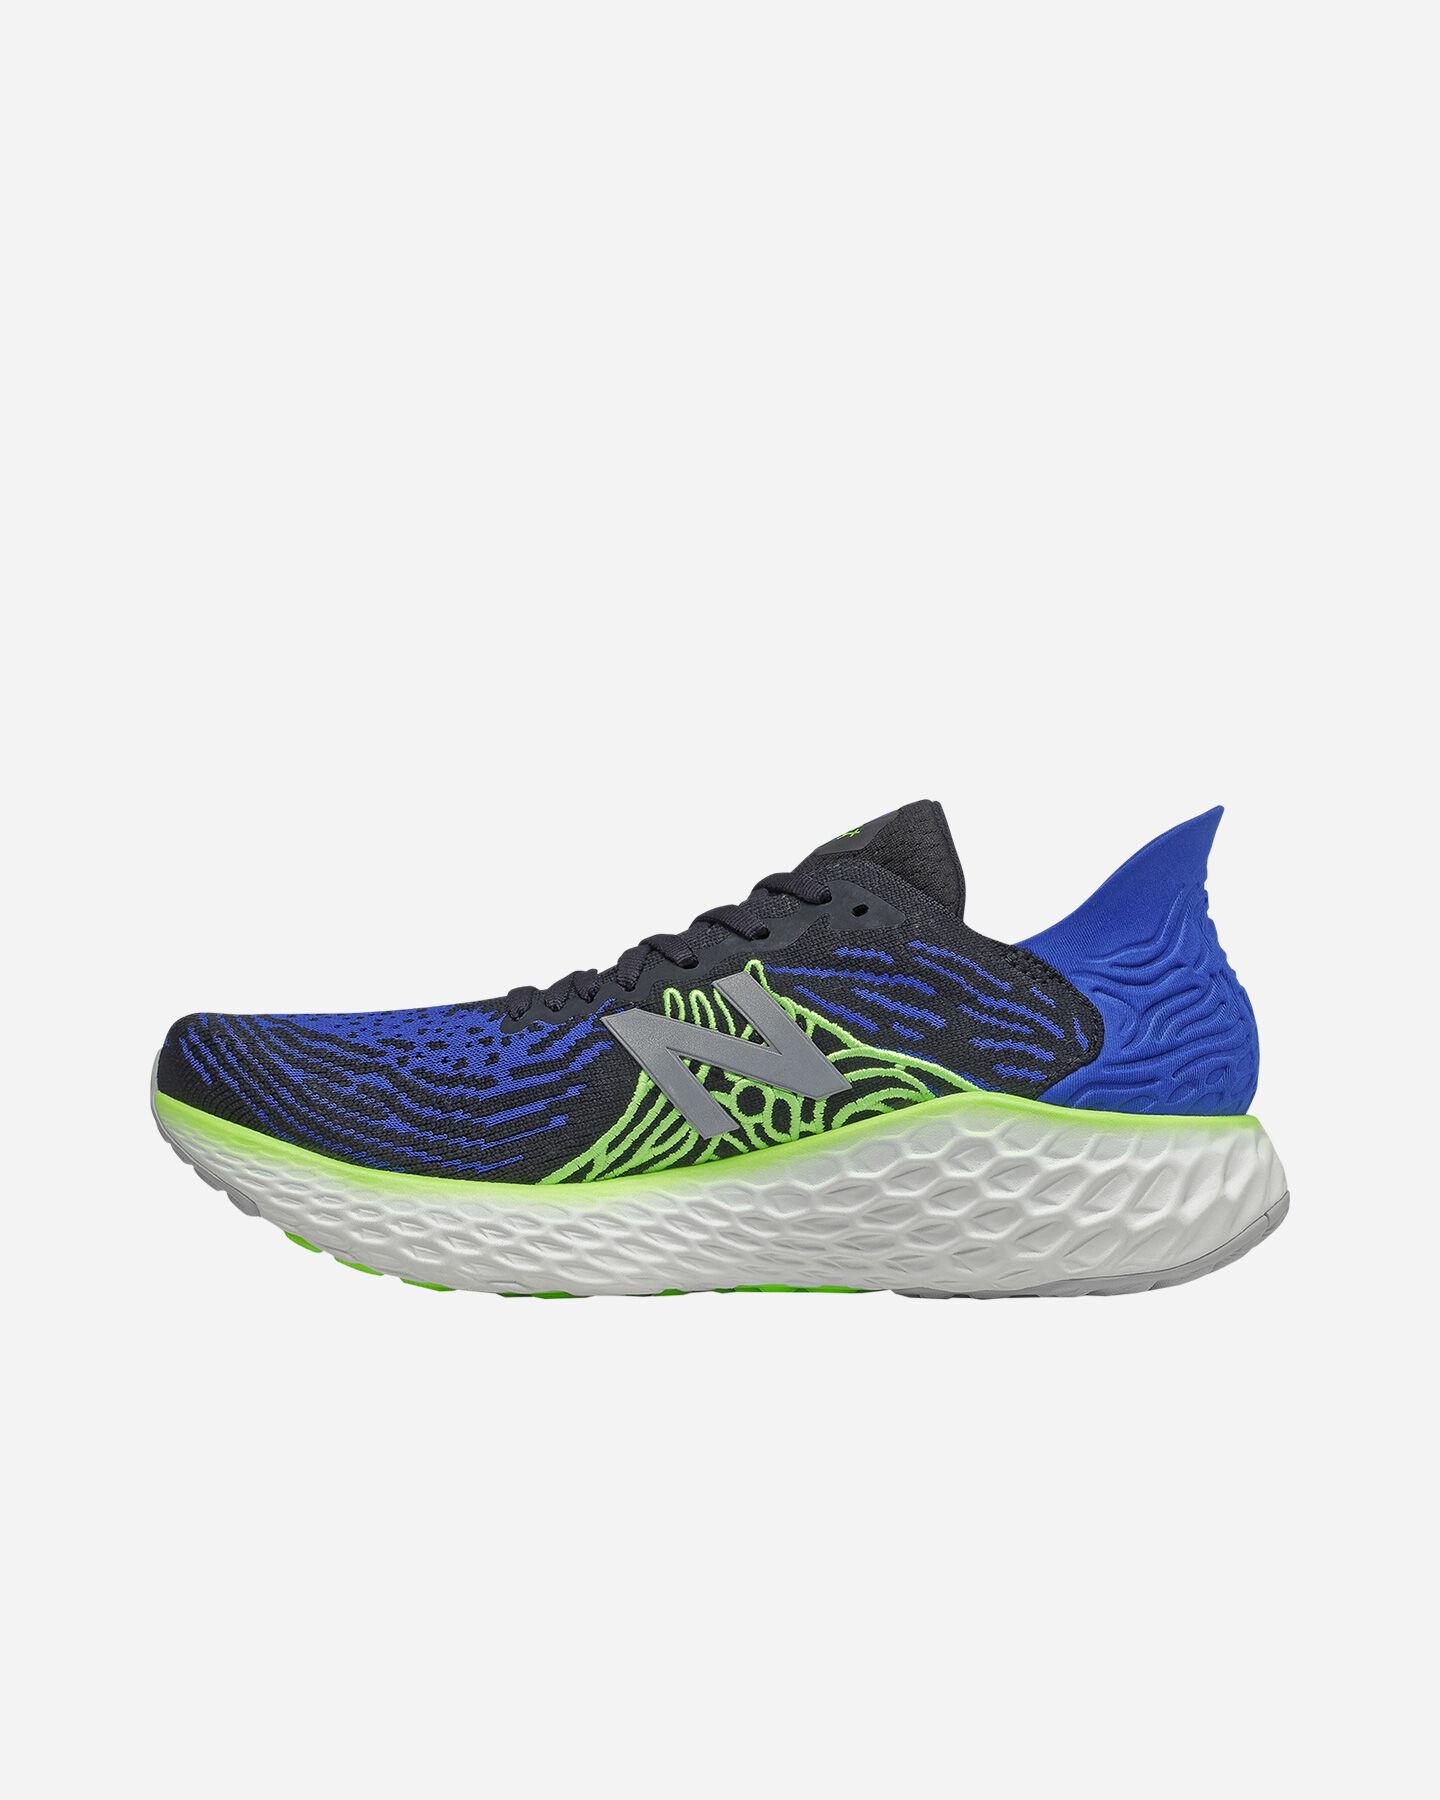 scarpe running new balance uomo 1080